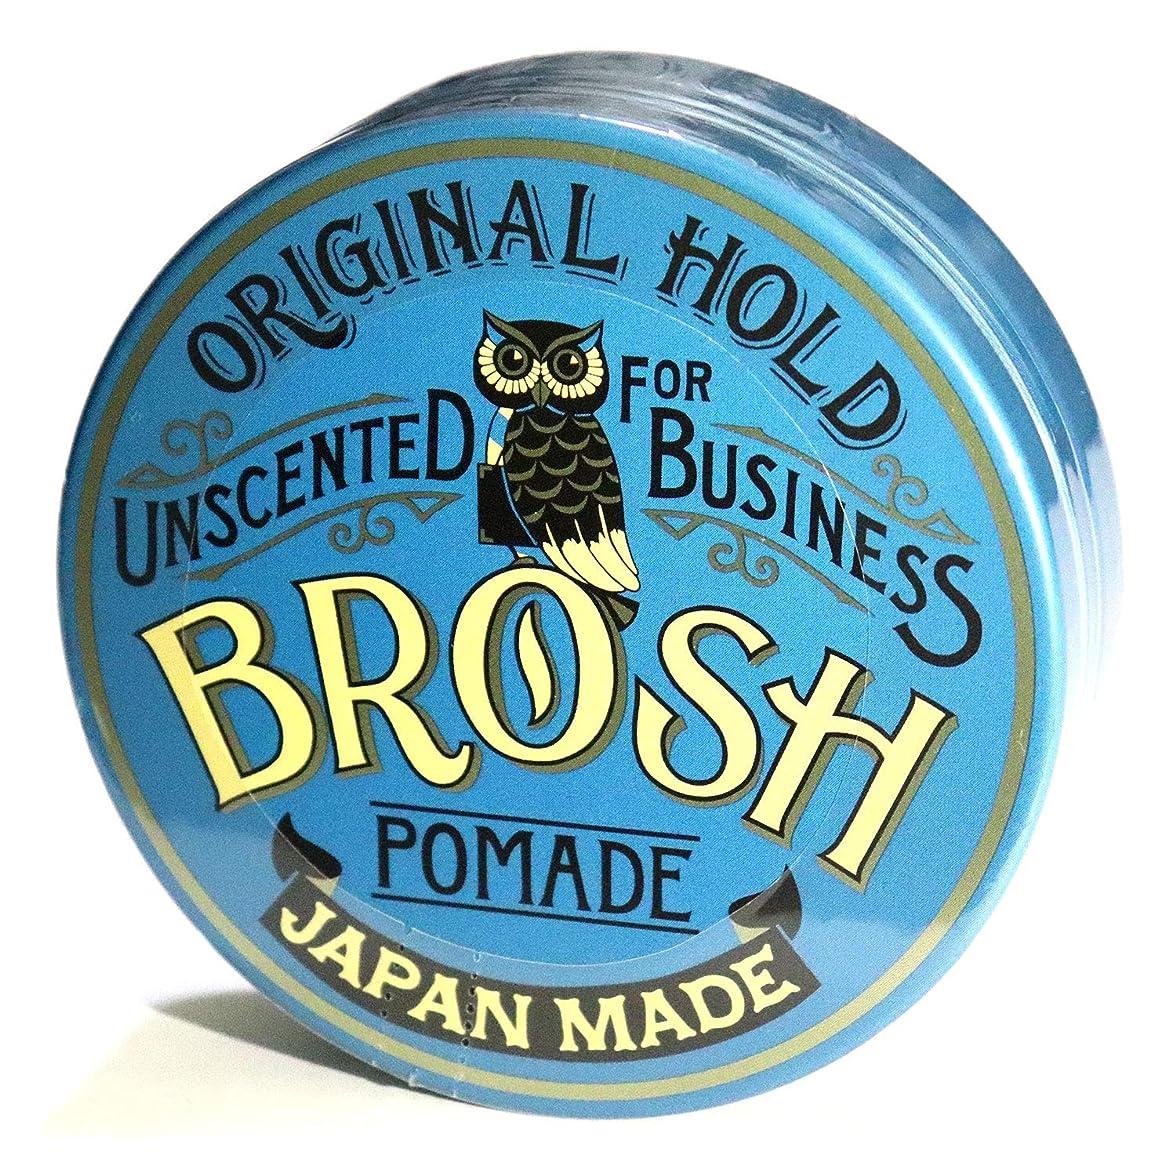 憂慮すべきインキュバス舞い上がるBROSH (ブロッシュ) BROSH POMADE UNSCENTED/BIZ 115g 水性ポマード 整髪料 無香料